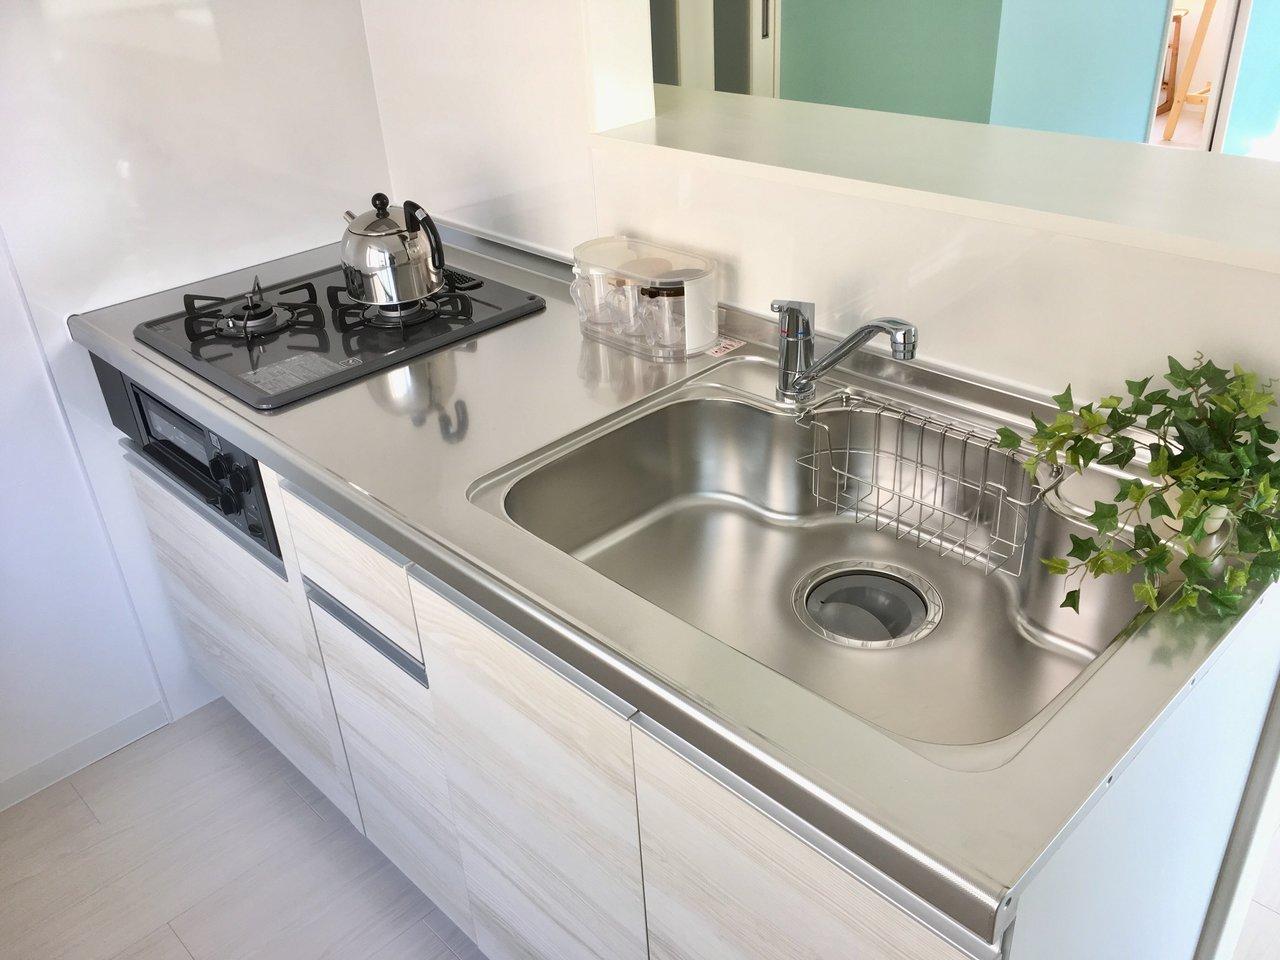 キッチンは対面式です。キッチン、お風呂、洗面所など、水回りは全て新品に交換されているので、安心して暮らせますよ。